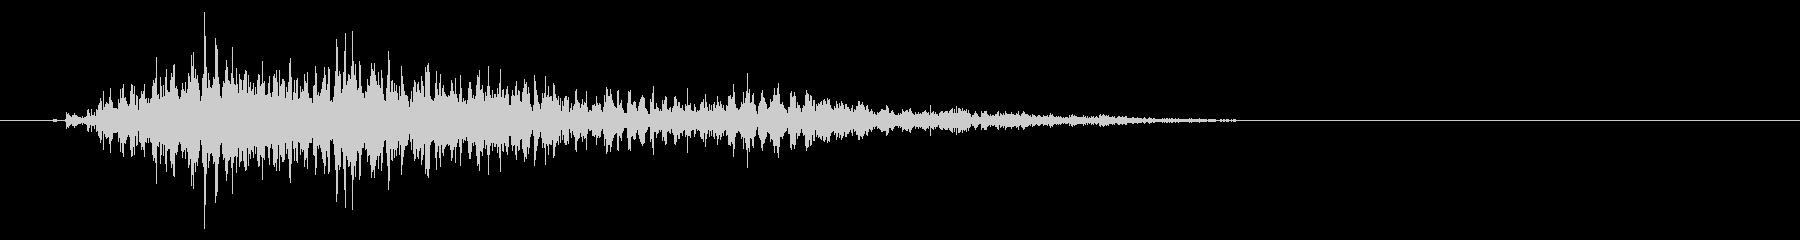 フードプロセッサー(短期)の未再生の波形